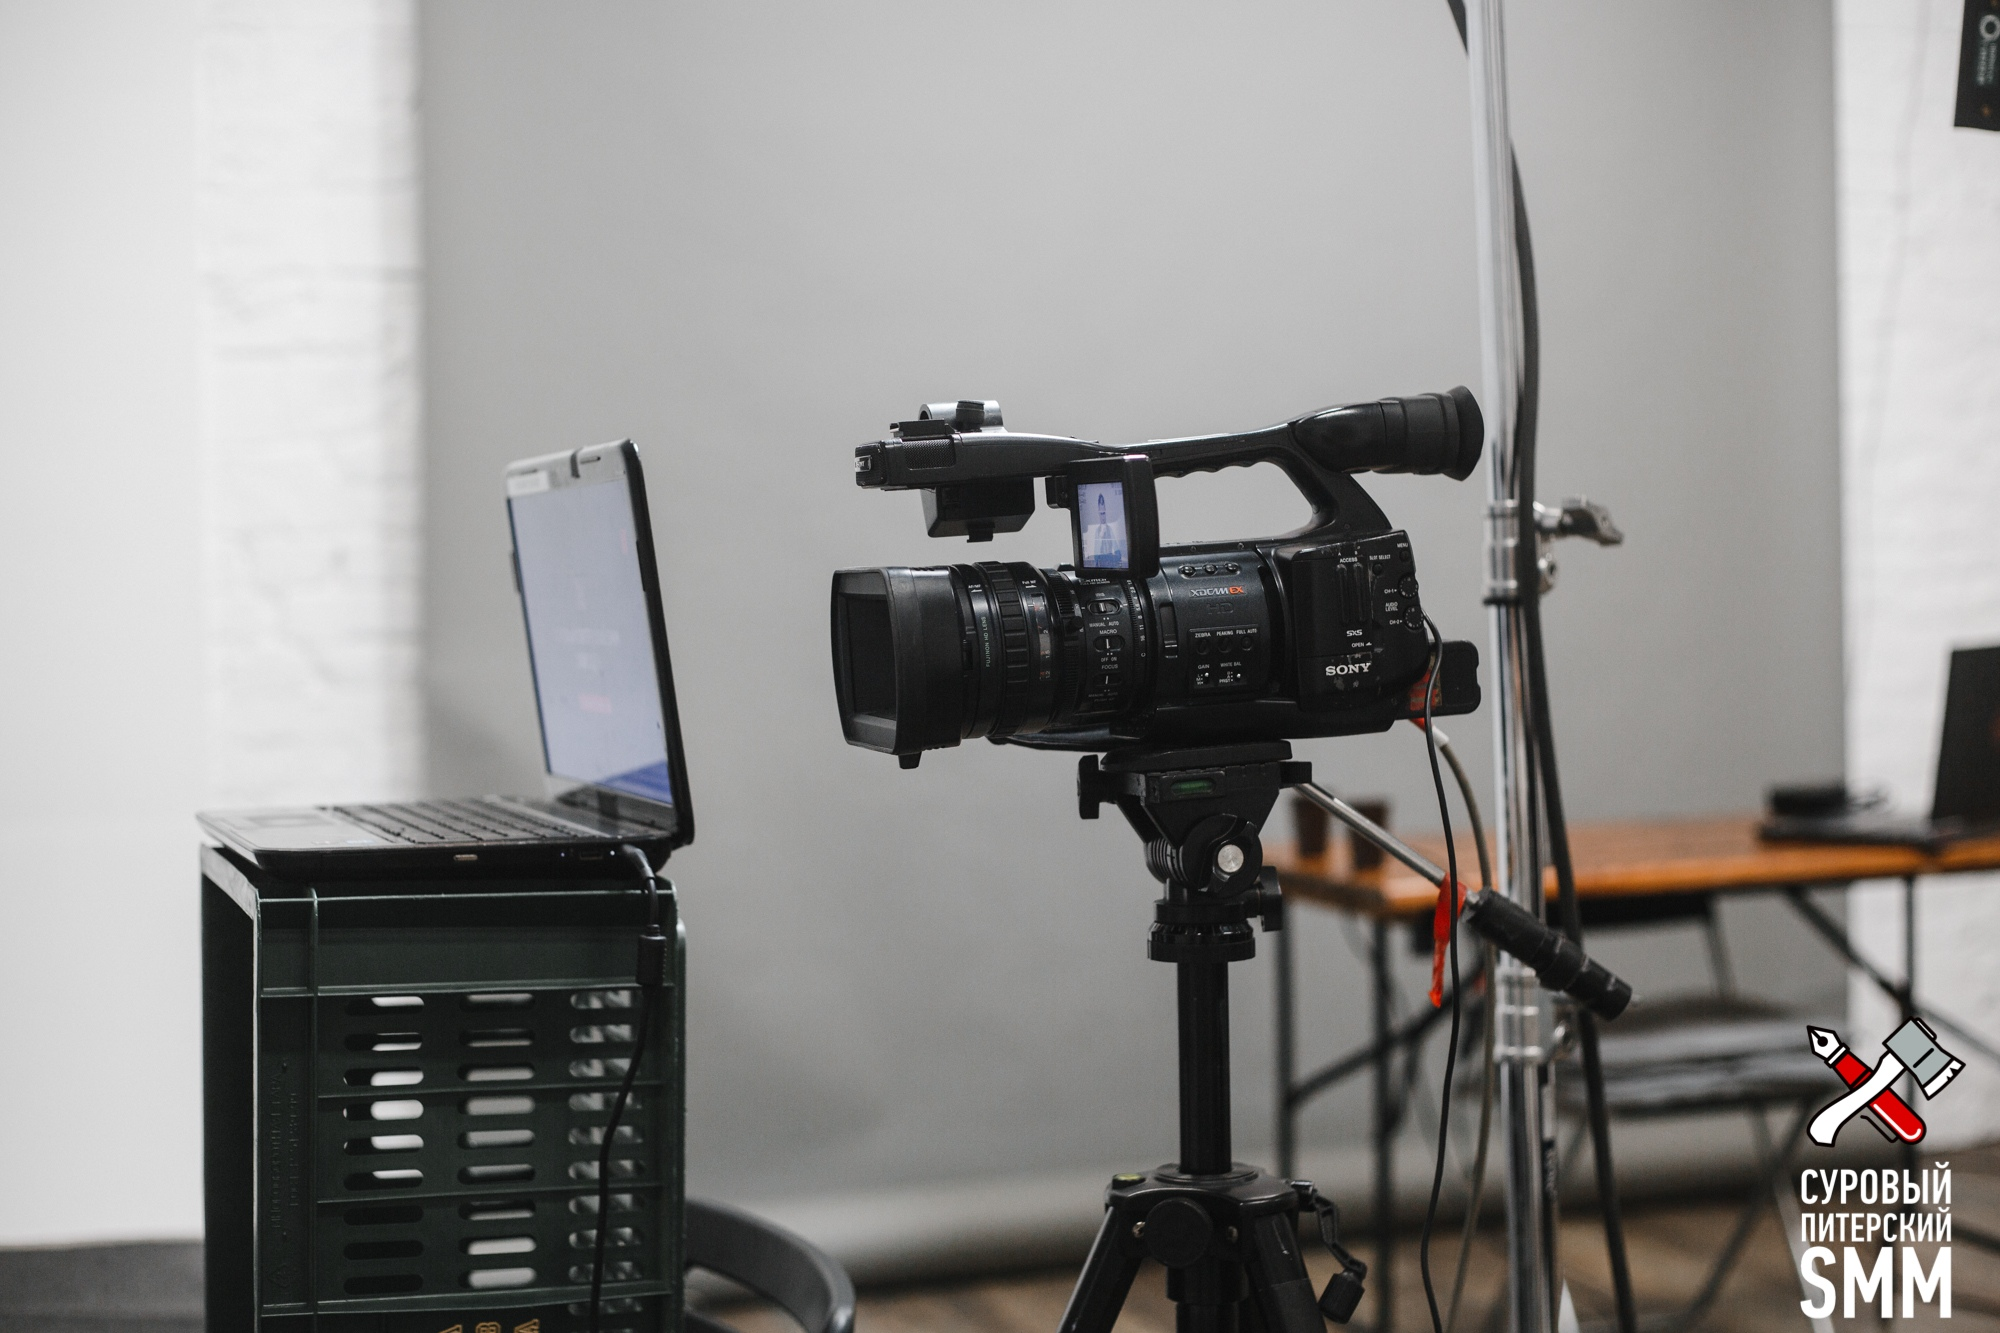 Факапы онлайн-спикеров, или Как быстро превратить новичка в профи? Инструкция от режиссера